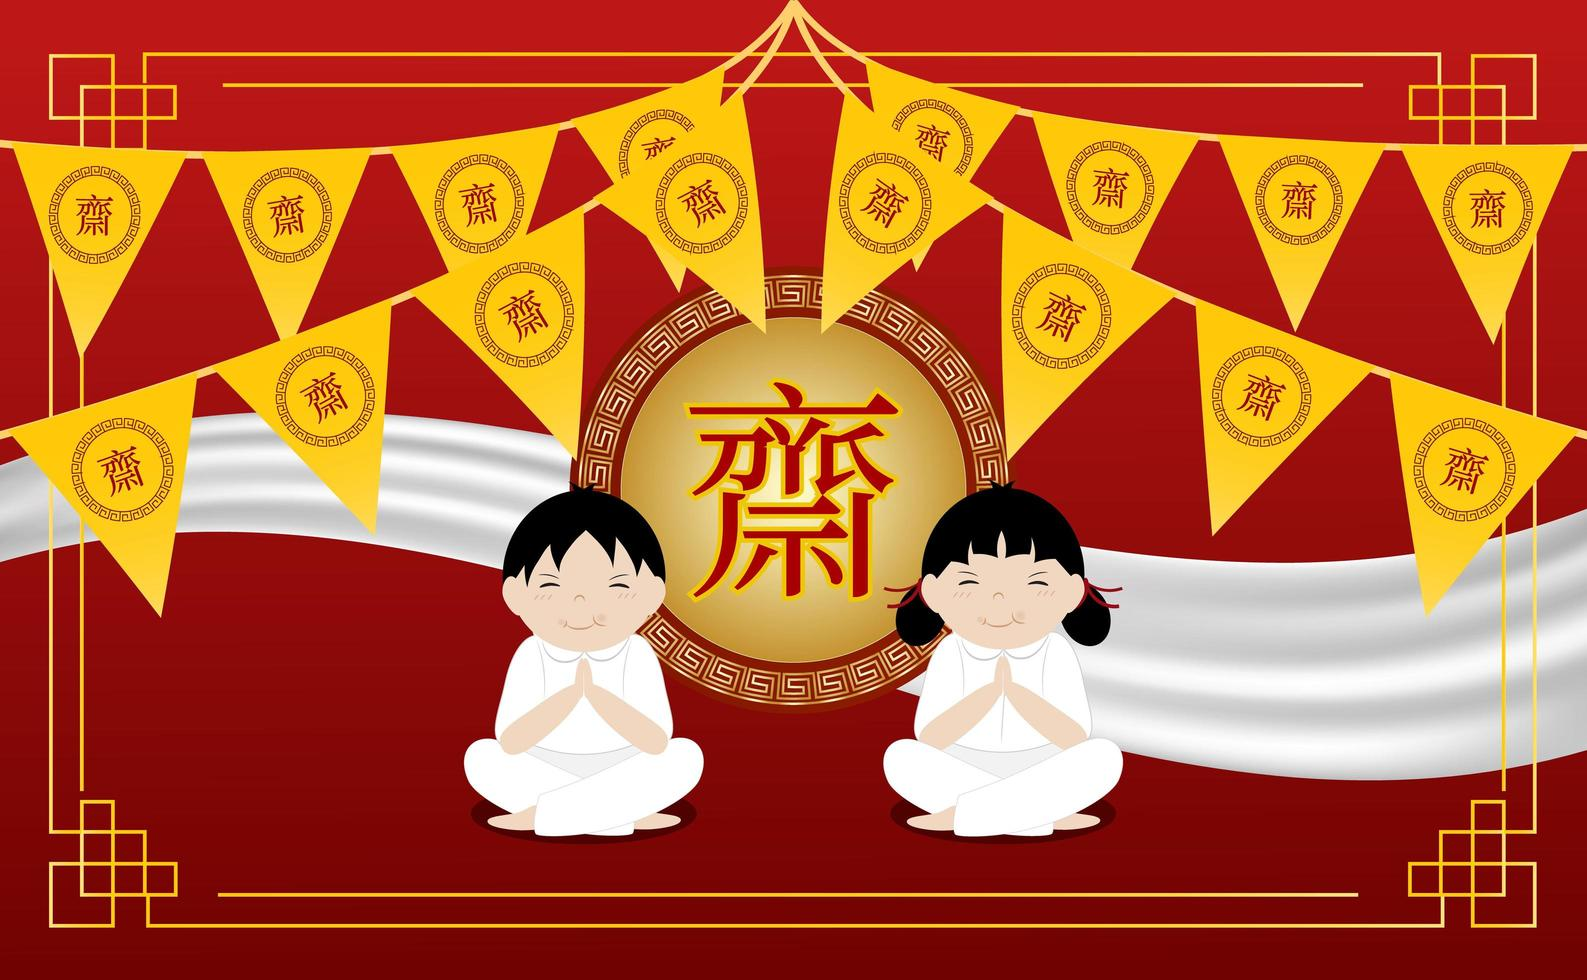 chinesisches vegetarisches Festivaldesign vektor